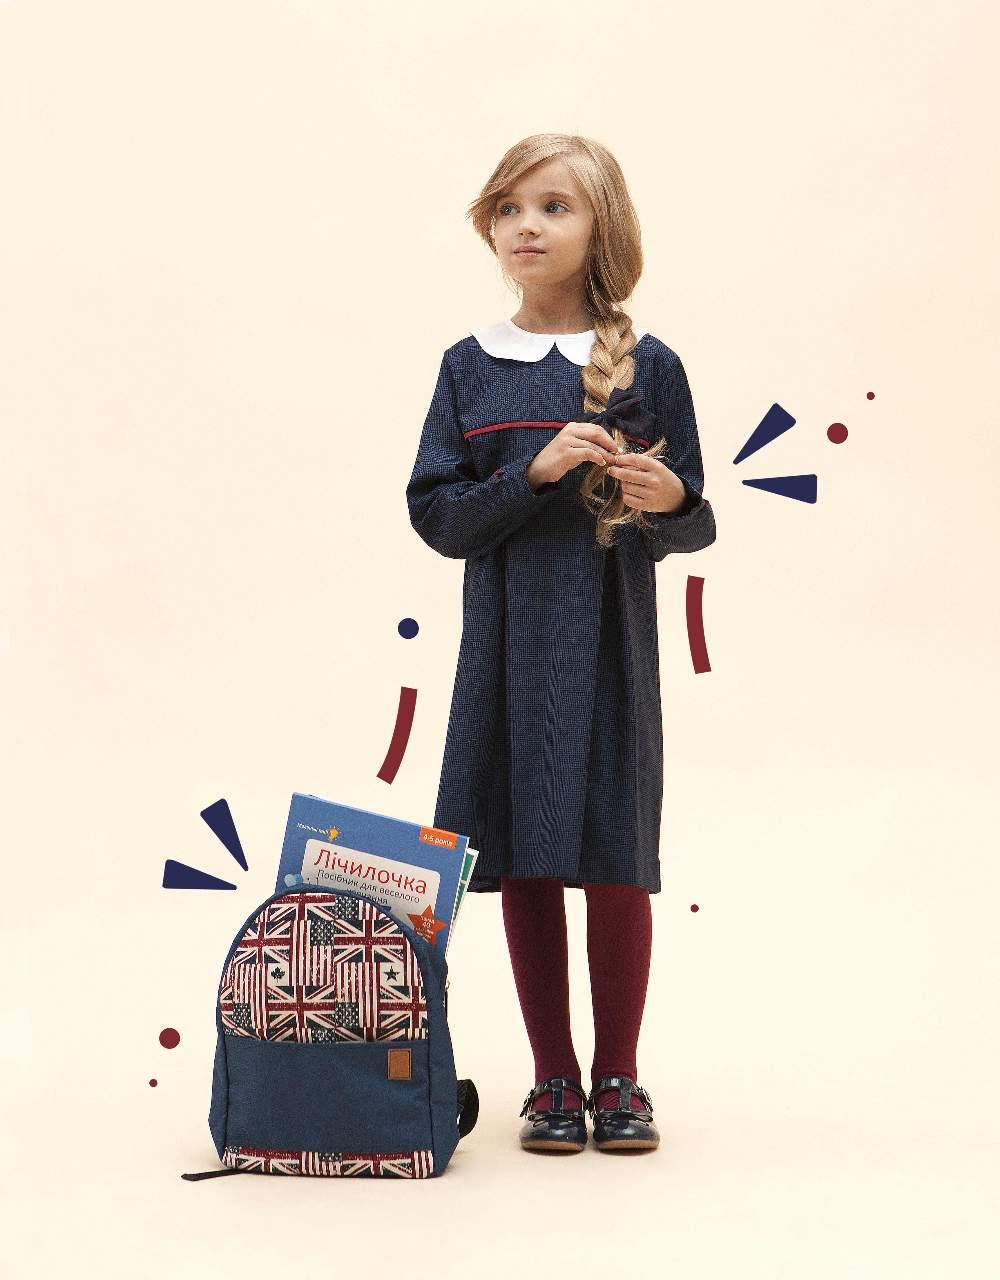 e483d0b0a07509 Що одягти у школу: 10 варіантів від українських виробників